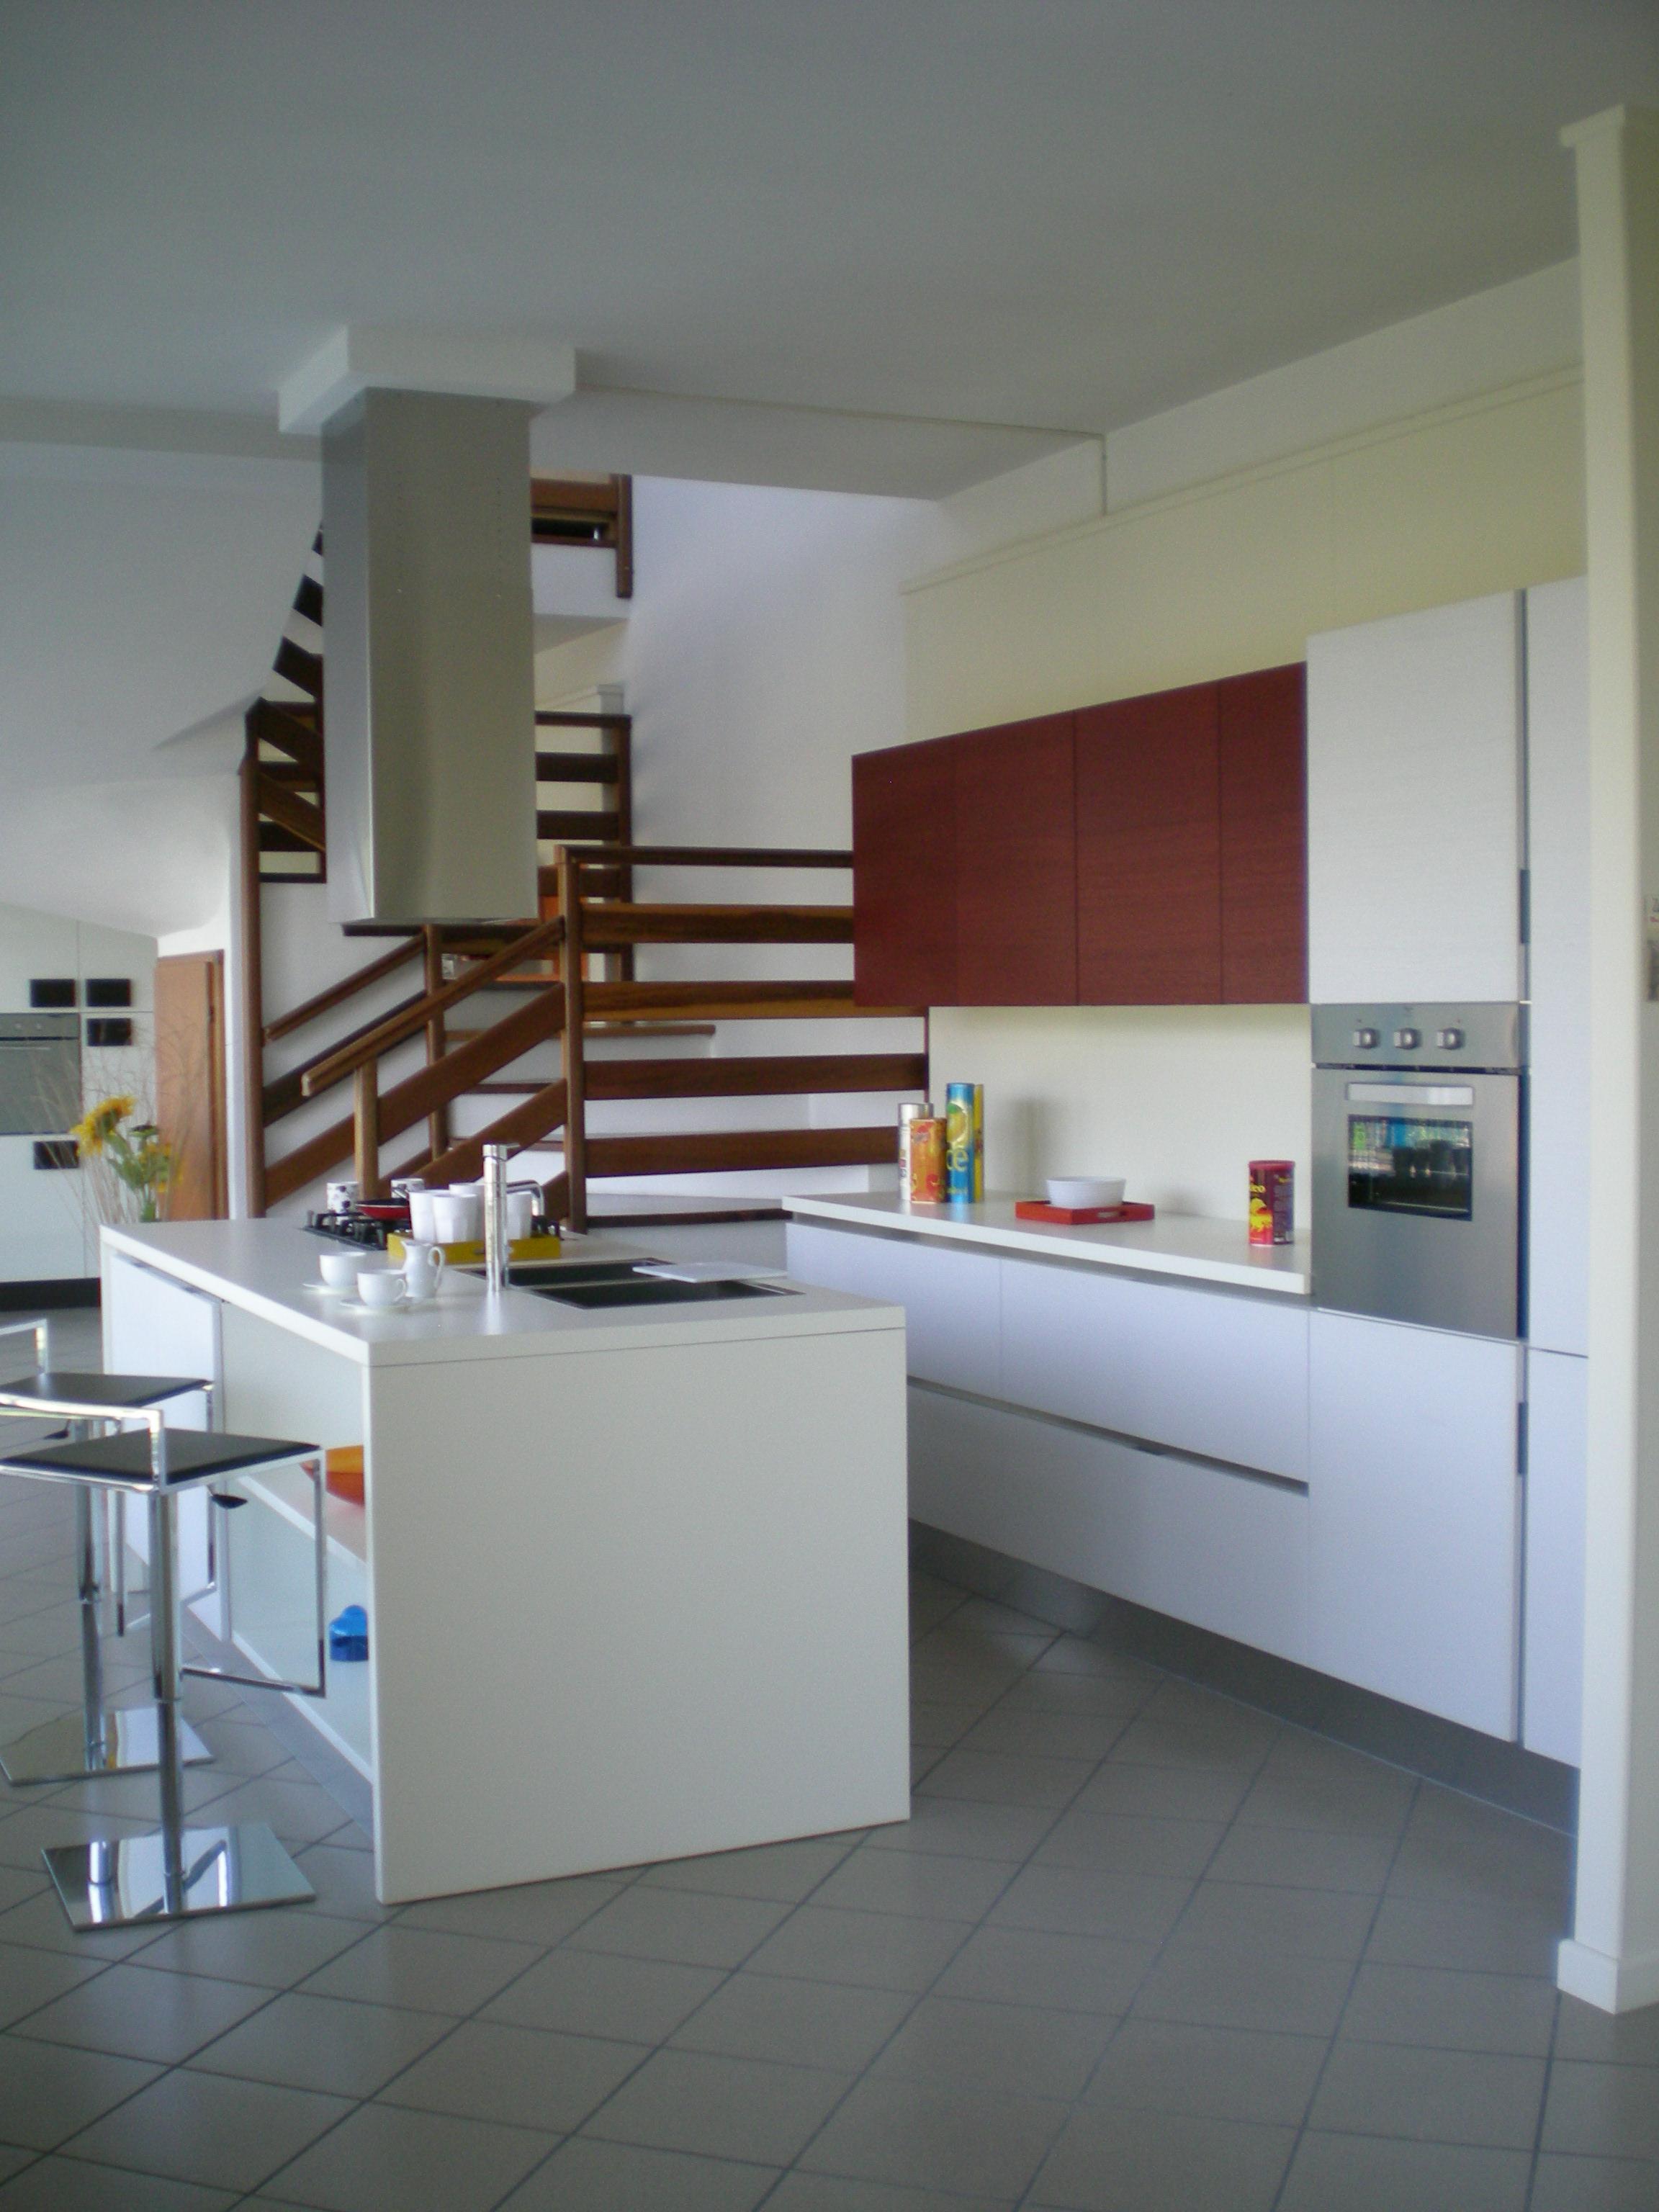 Cucina mod time mobili falegnameria veratelli a ferrara - Larghezza mobili cucina ...